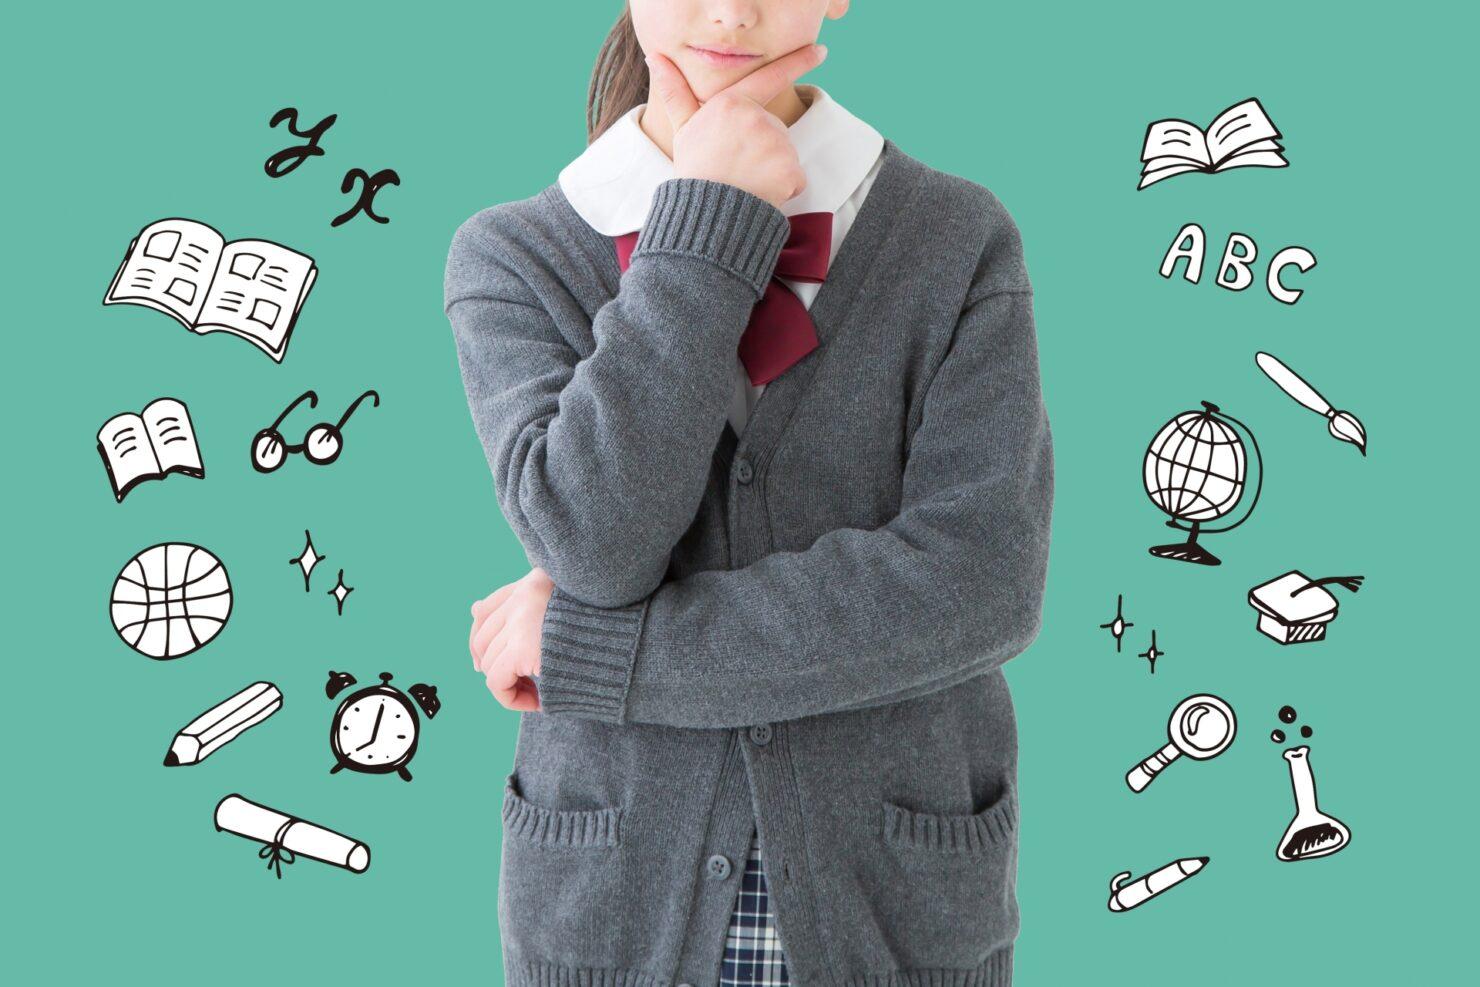 シュタイナー教育の実践内容